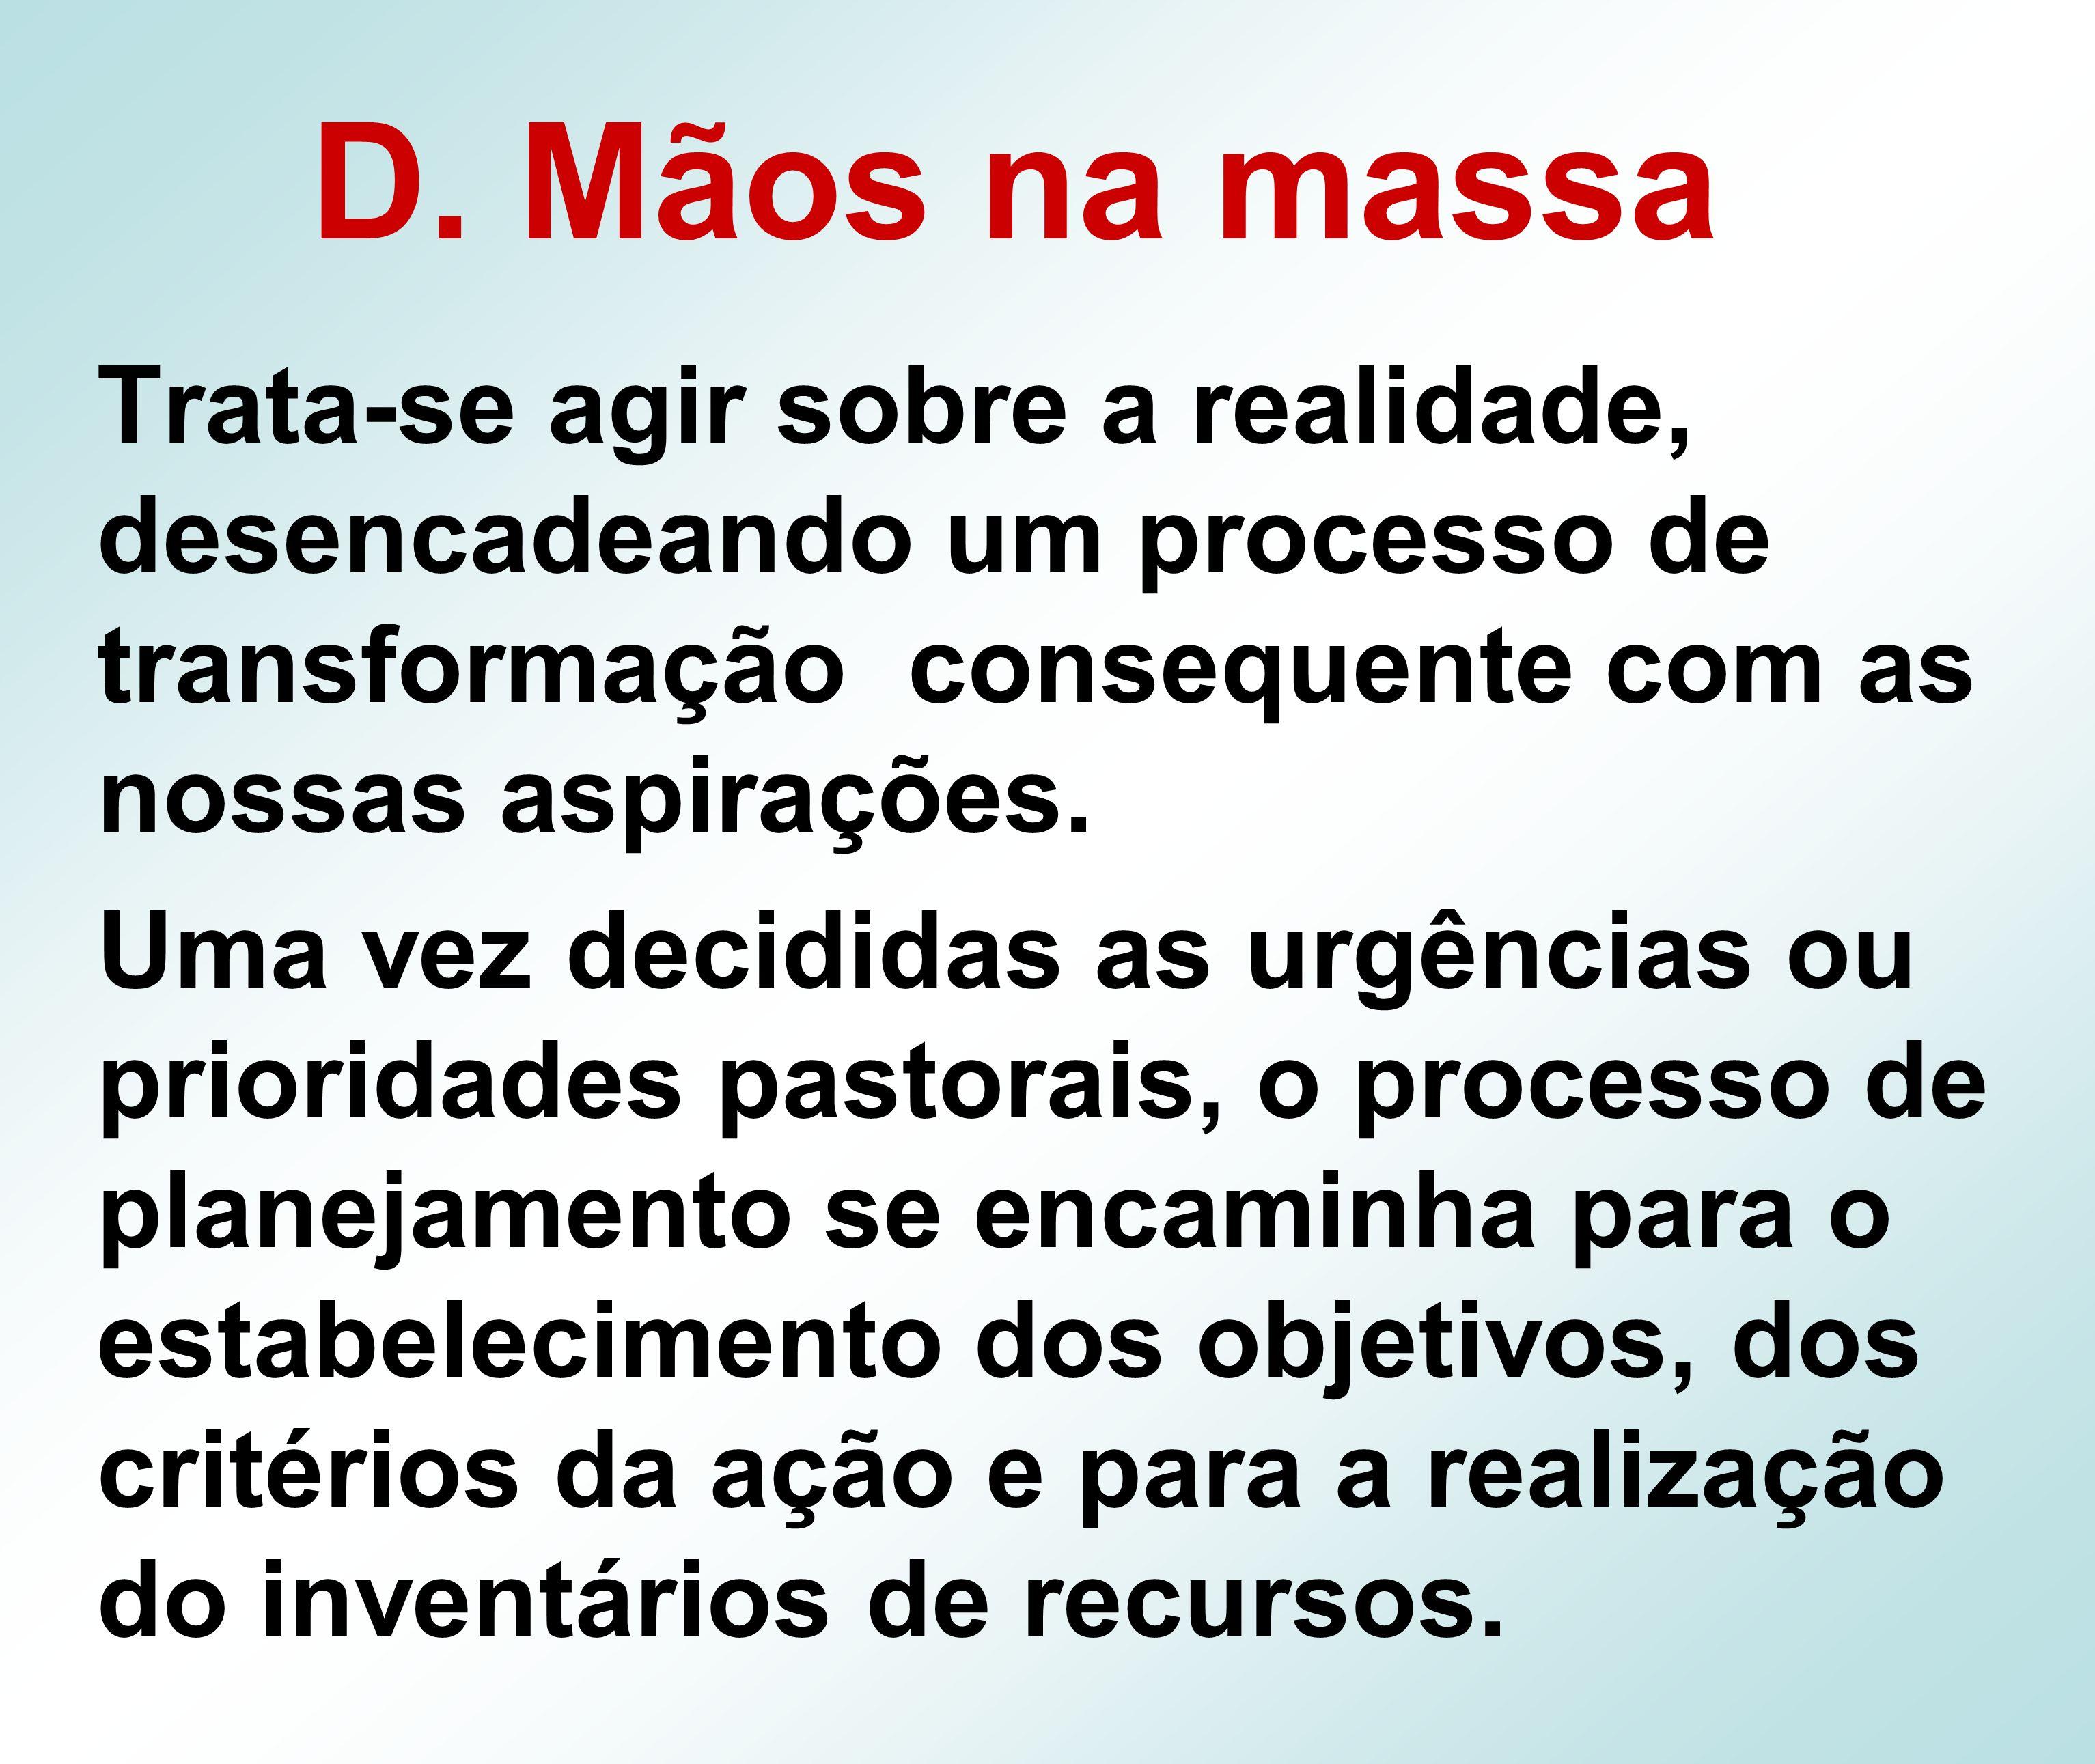 D. Mãos na massa Trata-se agir sobre a realidade, desencadeando um processo de transformação consequente com as nossas aspirações.